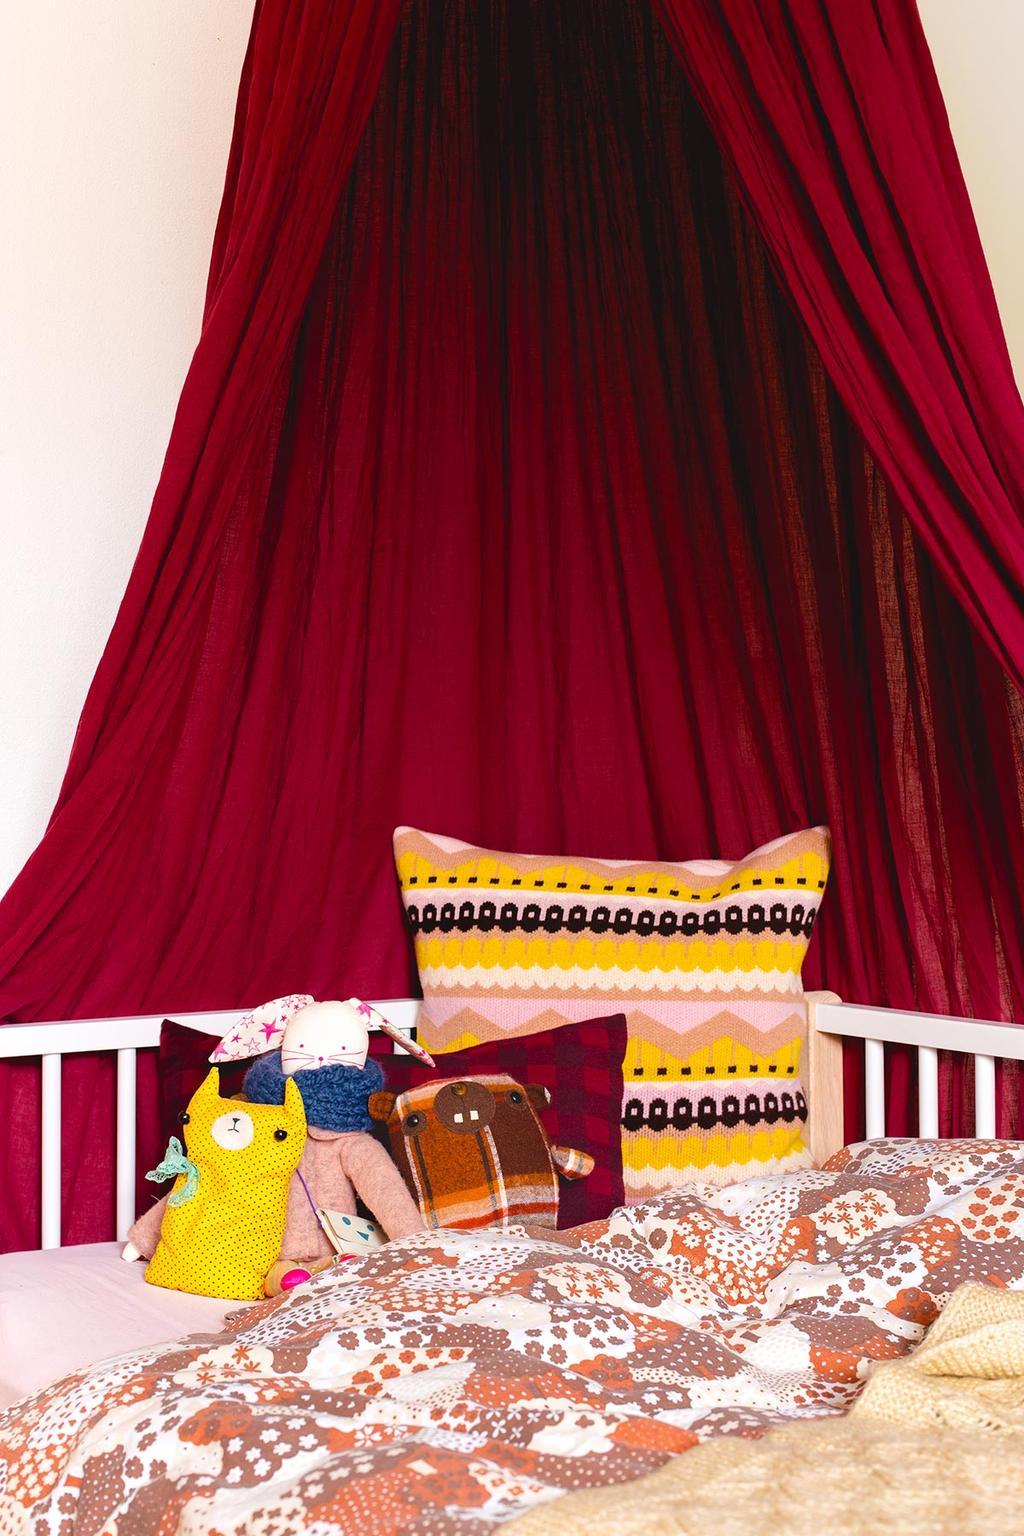 Rode klamboe boven een kinderbed met vintage dekbedovertrek